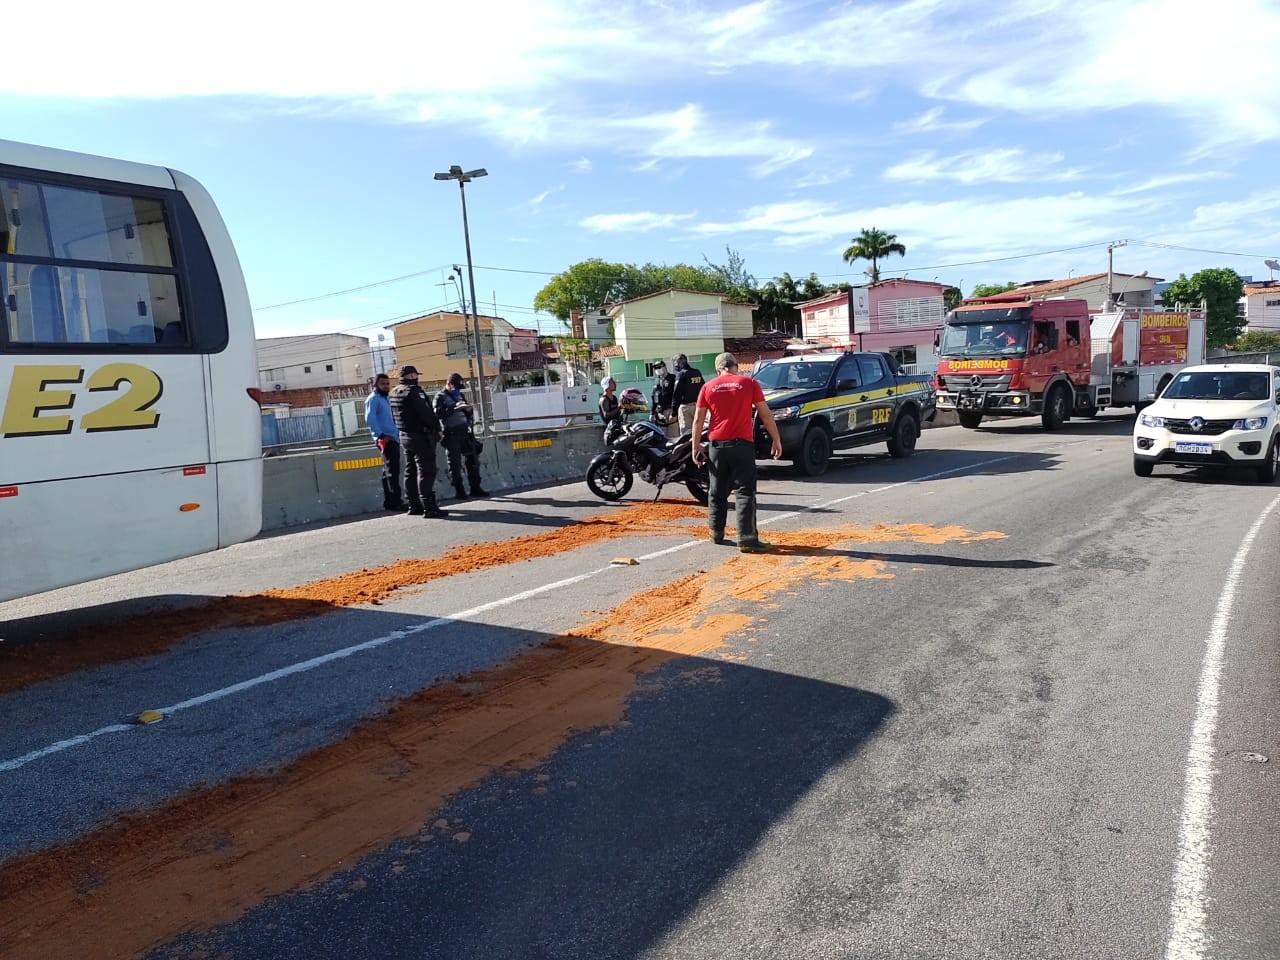 Moto derrapa na pista e bate em micro-ônibus no viaduto do Quarto Centenário em Natal